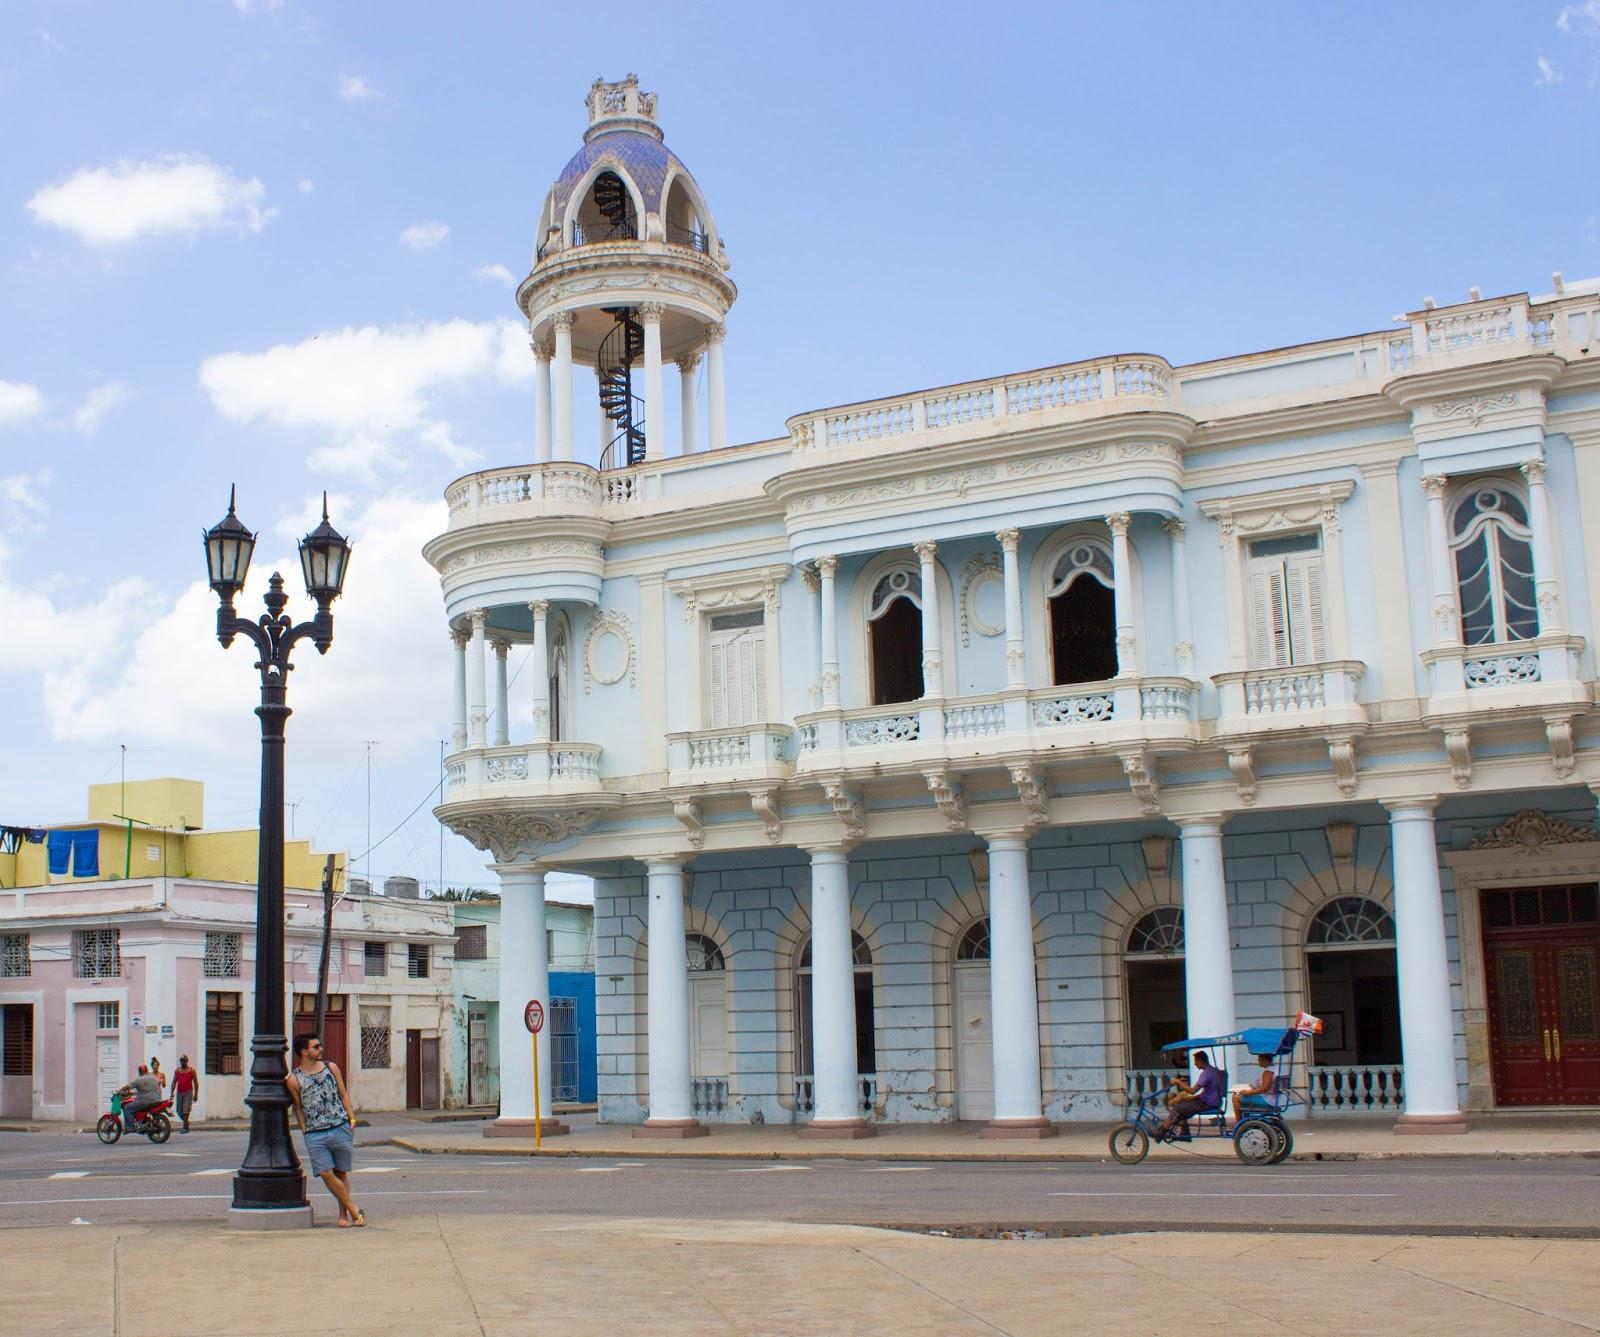 Cienfuegos_Cuba_Travel_Guide28129